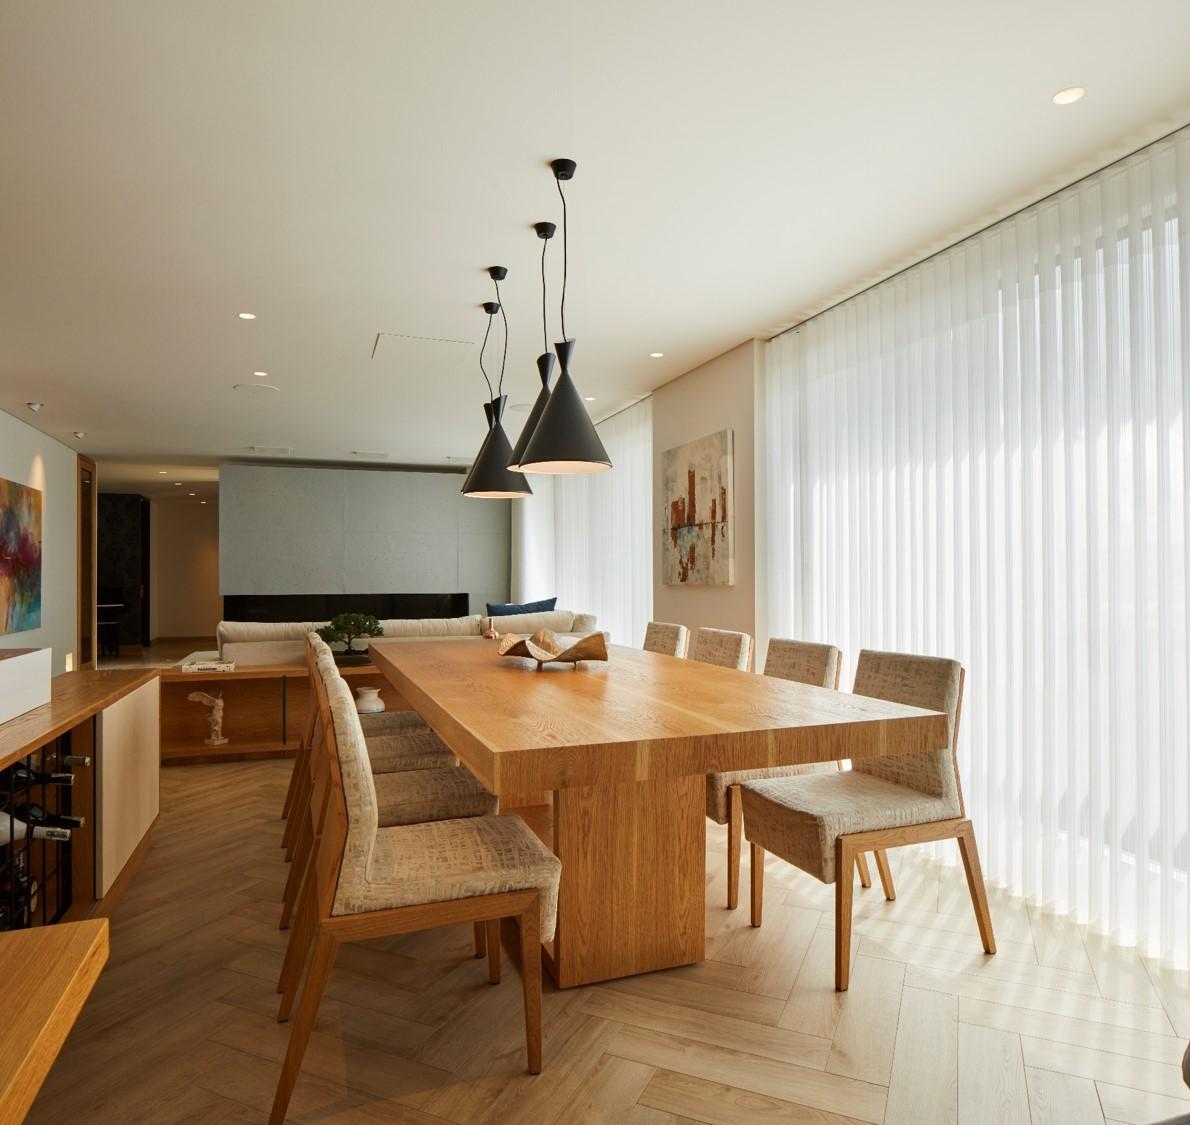 Diseño del espacio del comedor